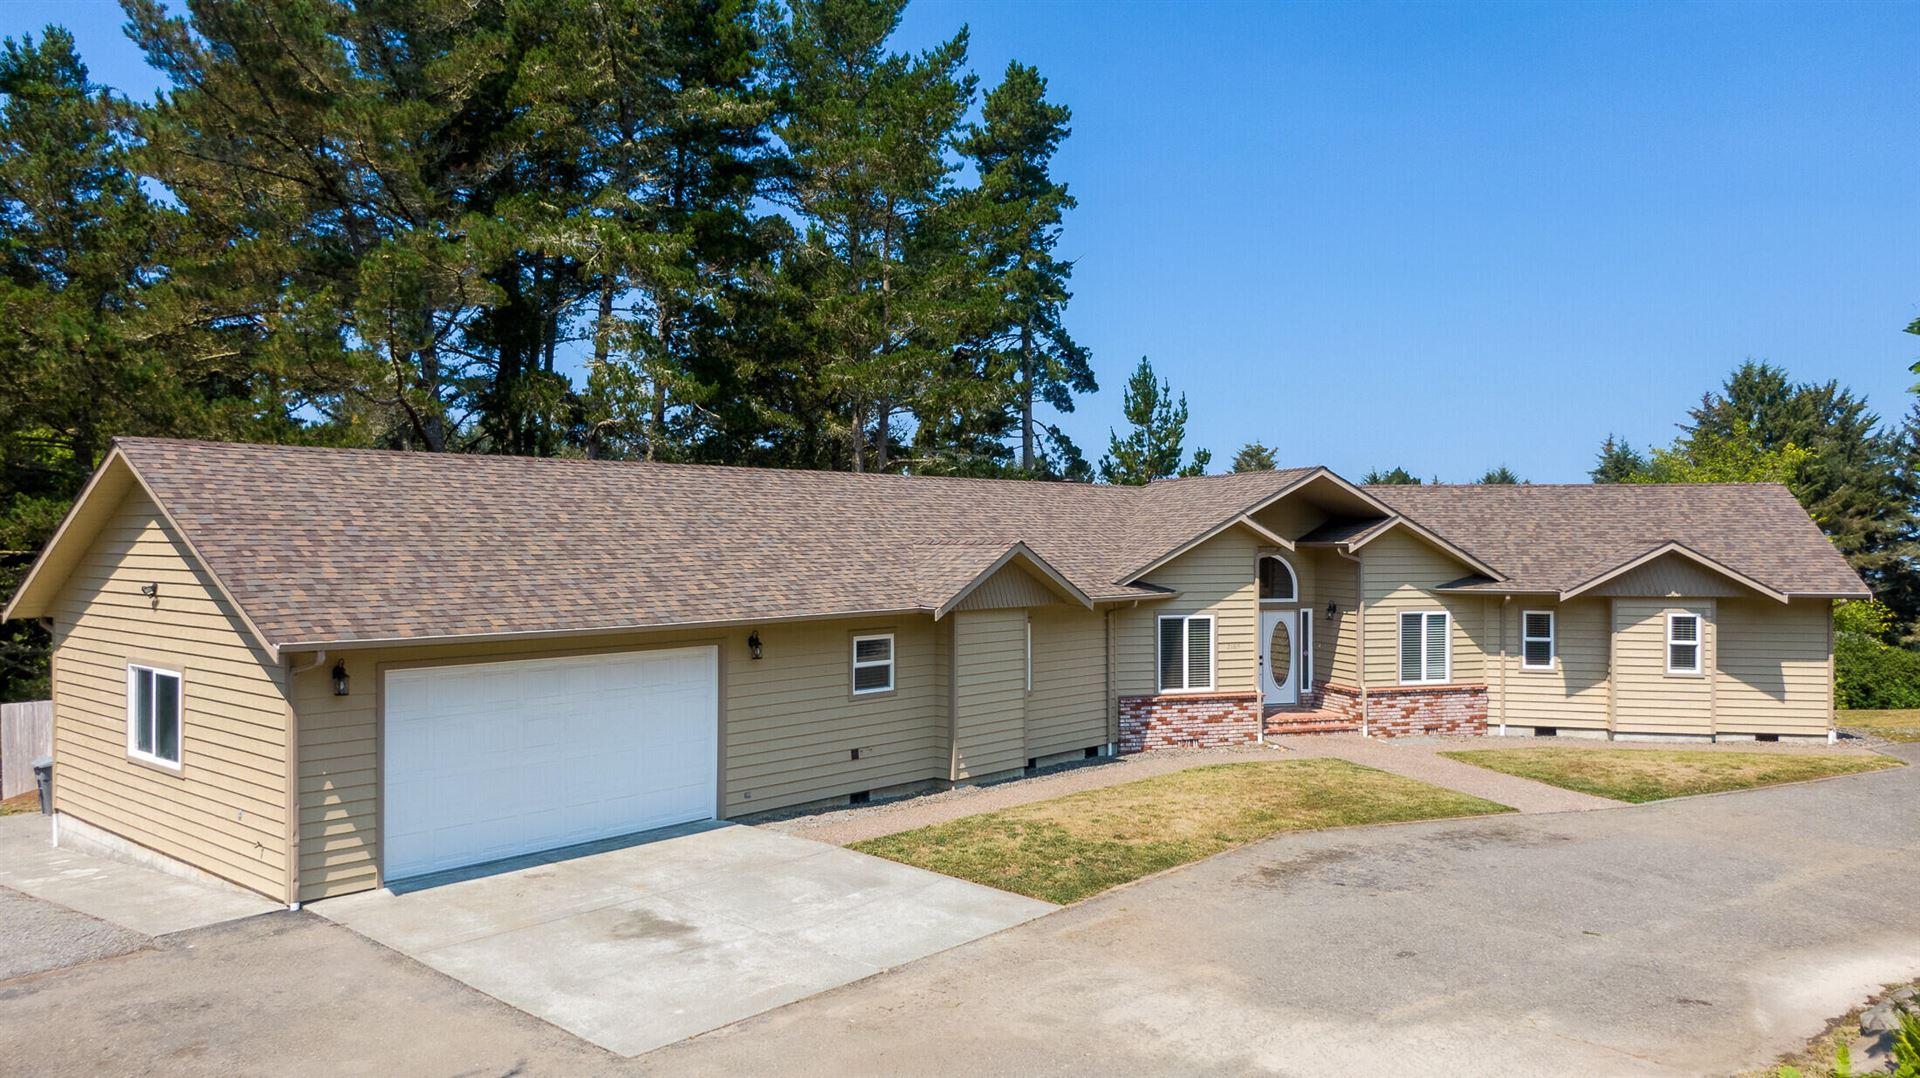 2185 Chad Lane, Humboldt Hill, CA 95503 - MLS#: 259902